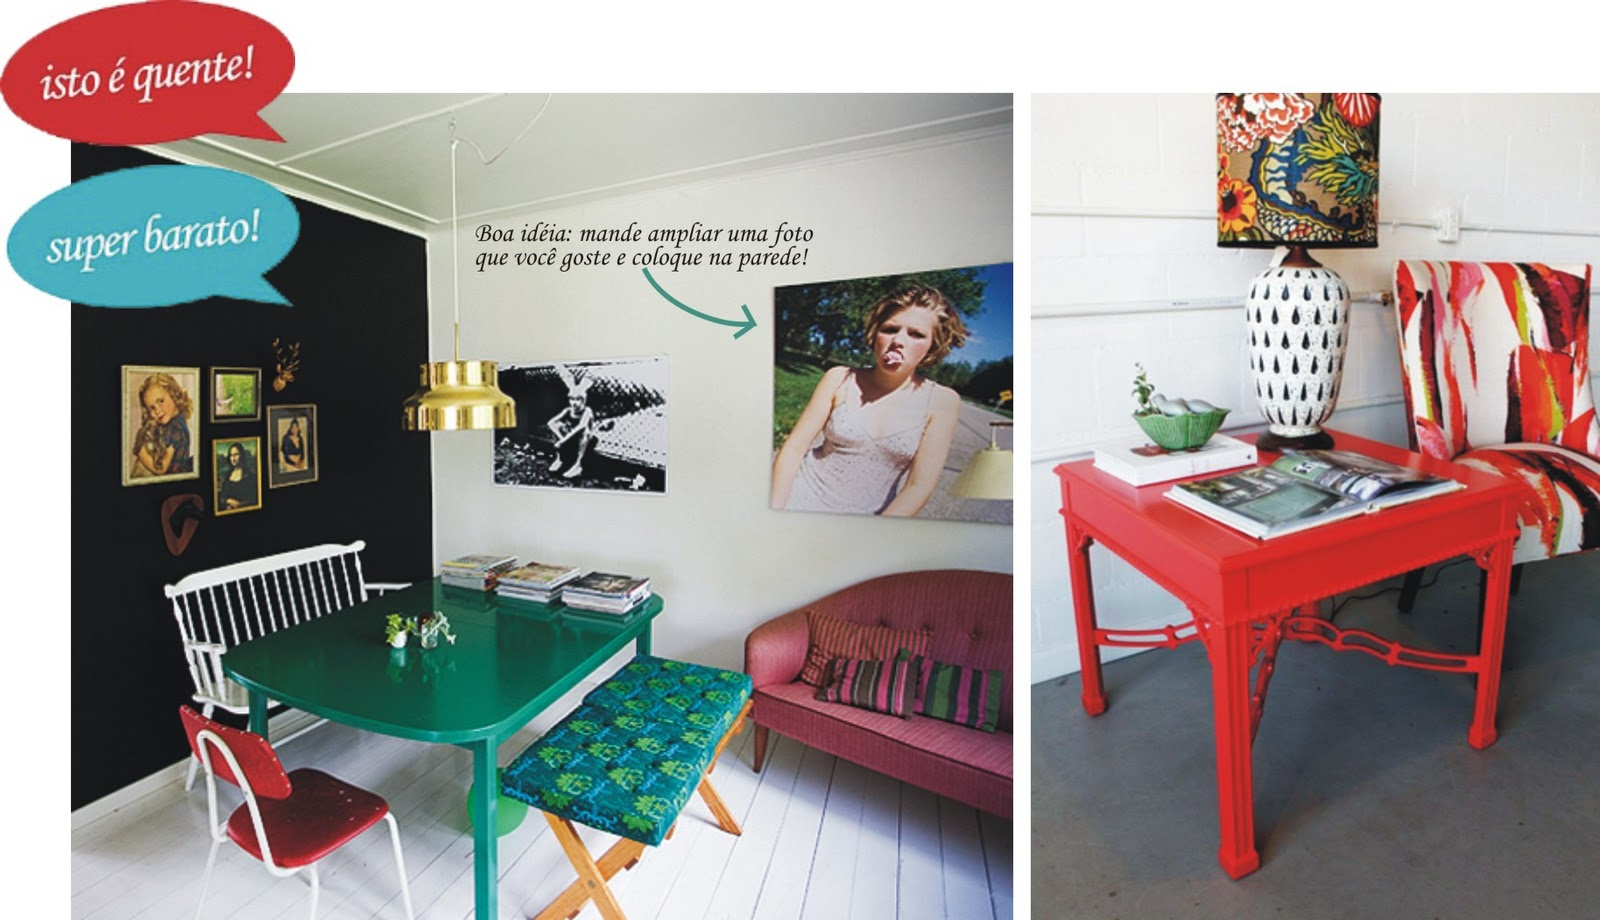 Móveis usados: renove com pintura! *Vista a Casa! por MesklaDesign #A42727 1600x920